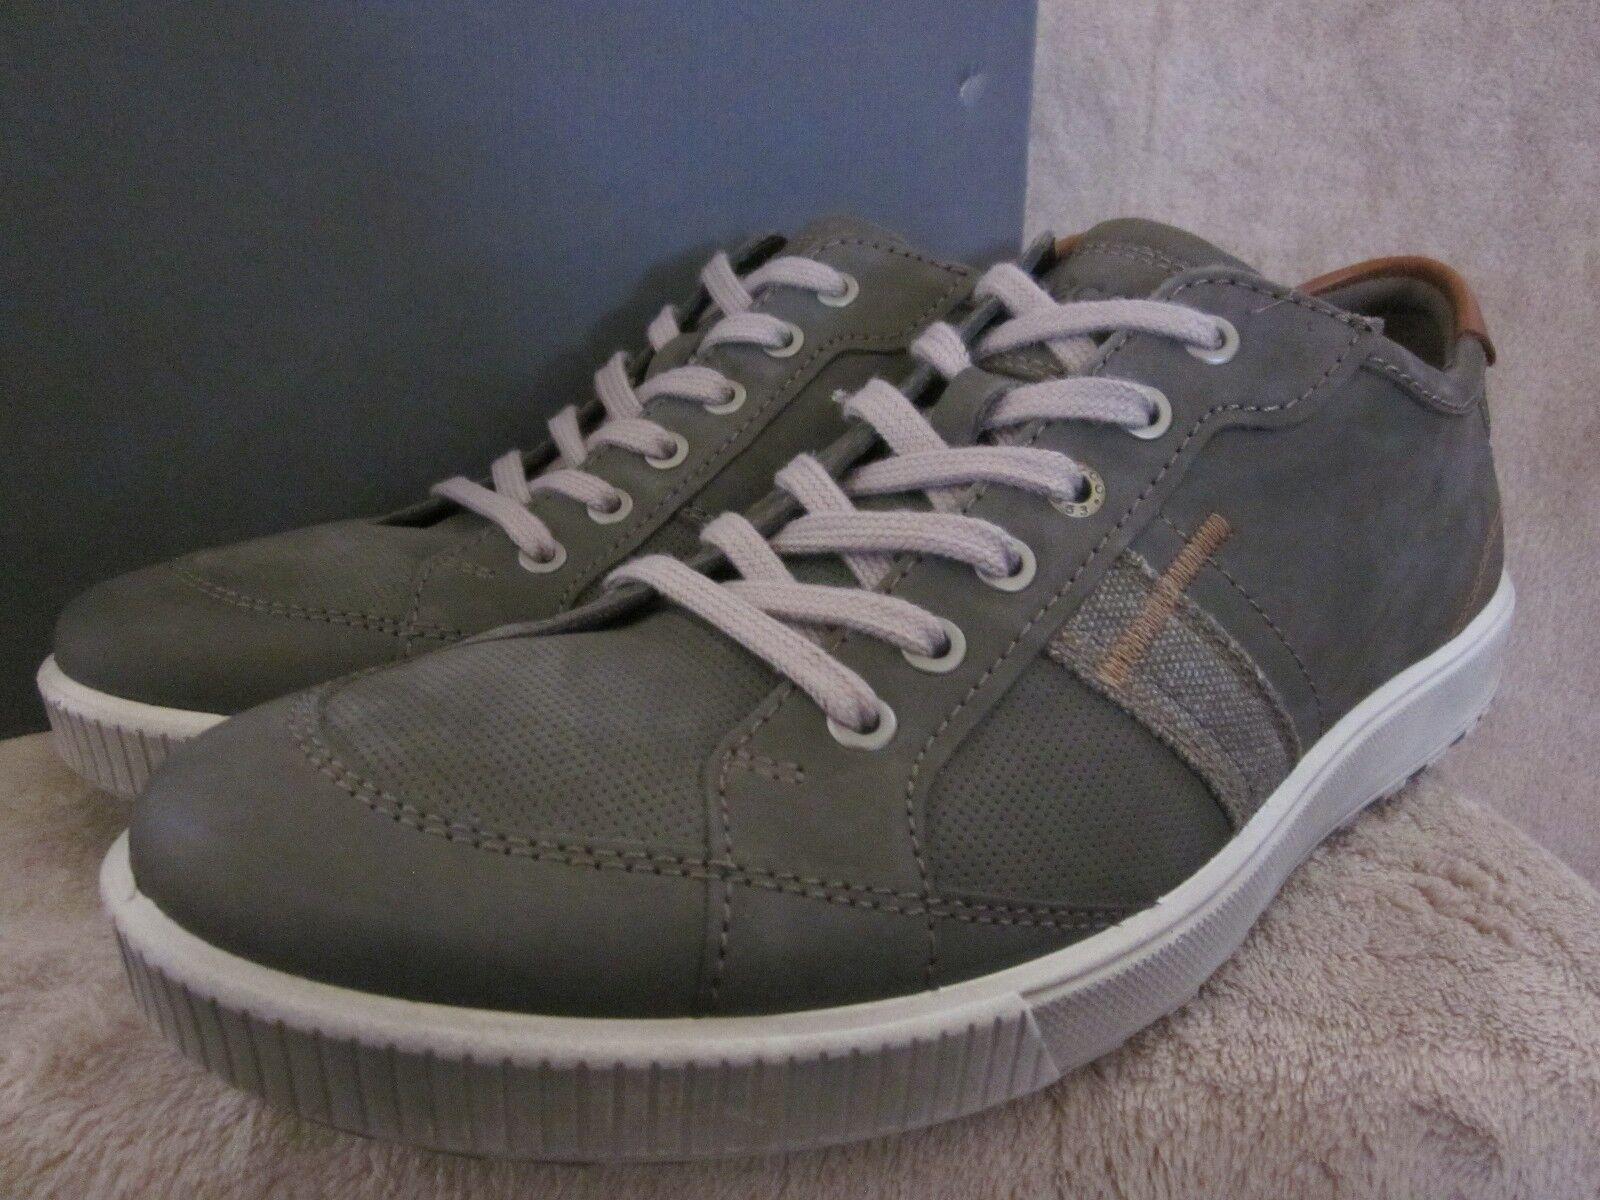 ECCO Ennio 53407458267 Mens Casual Tie Grey Shoes US 11 - 11.5 M NWB